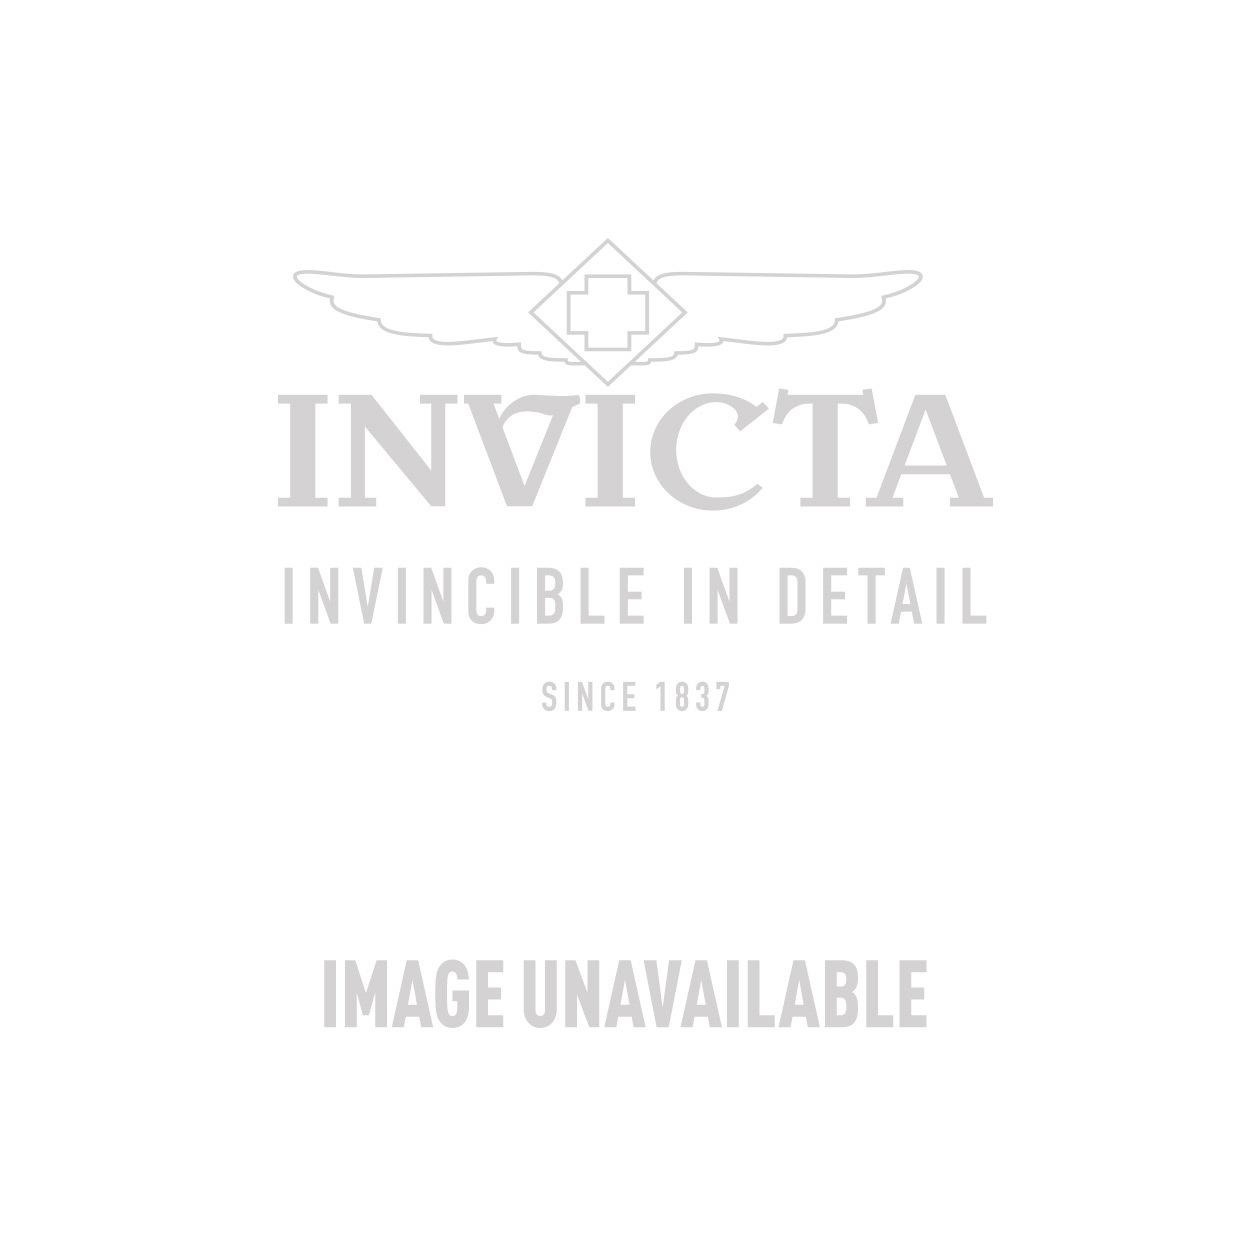 Invicta Model 24720